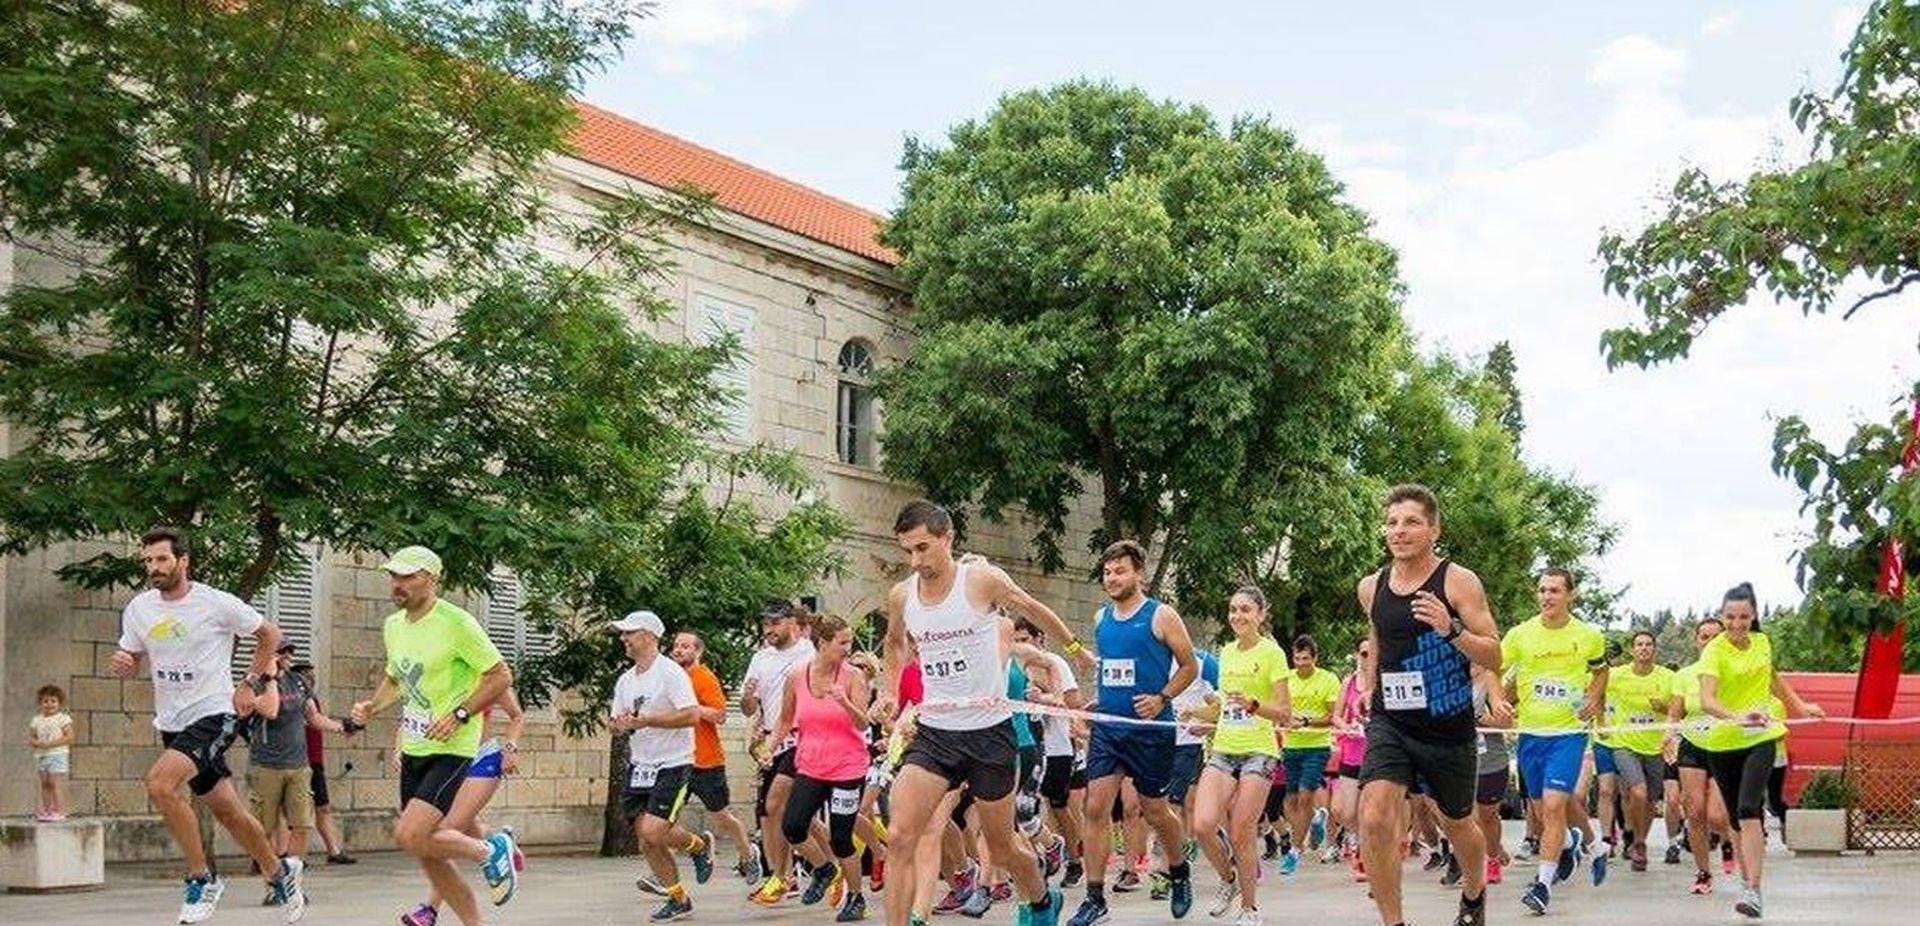 UŽITAK NA SVAKOM KILOMETRU Najljepša utrka na Jadranu trčat će se 22. lipnja od Selaca do Sumartina